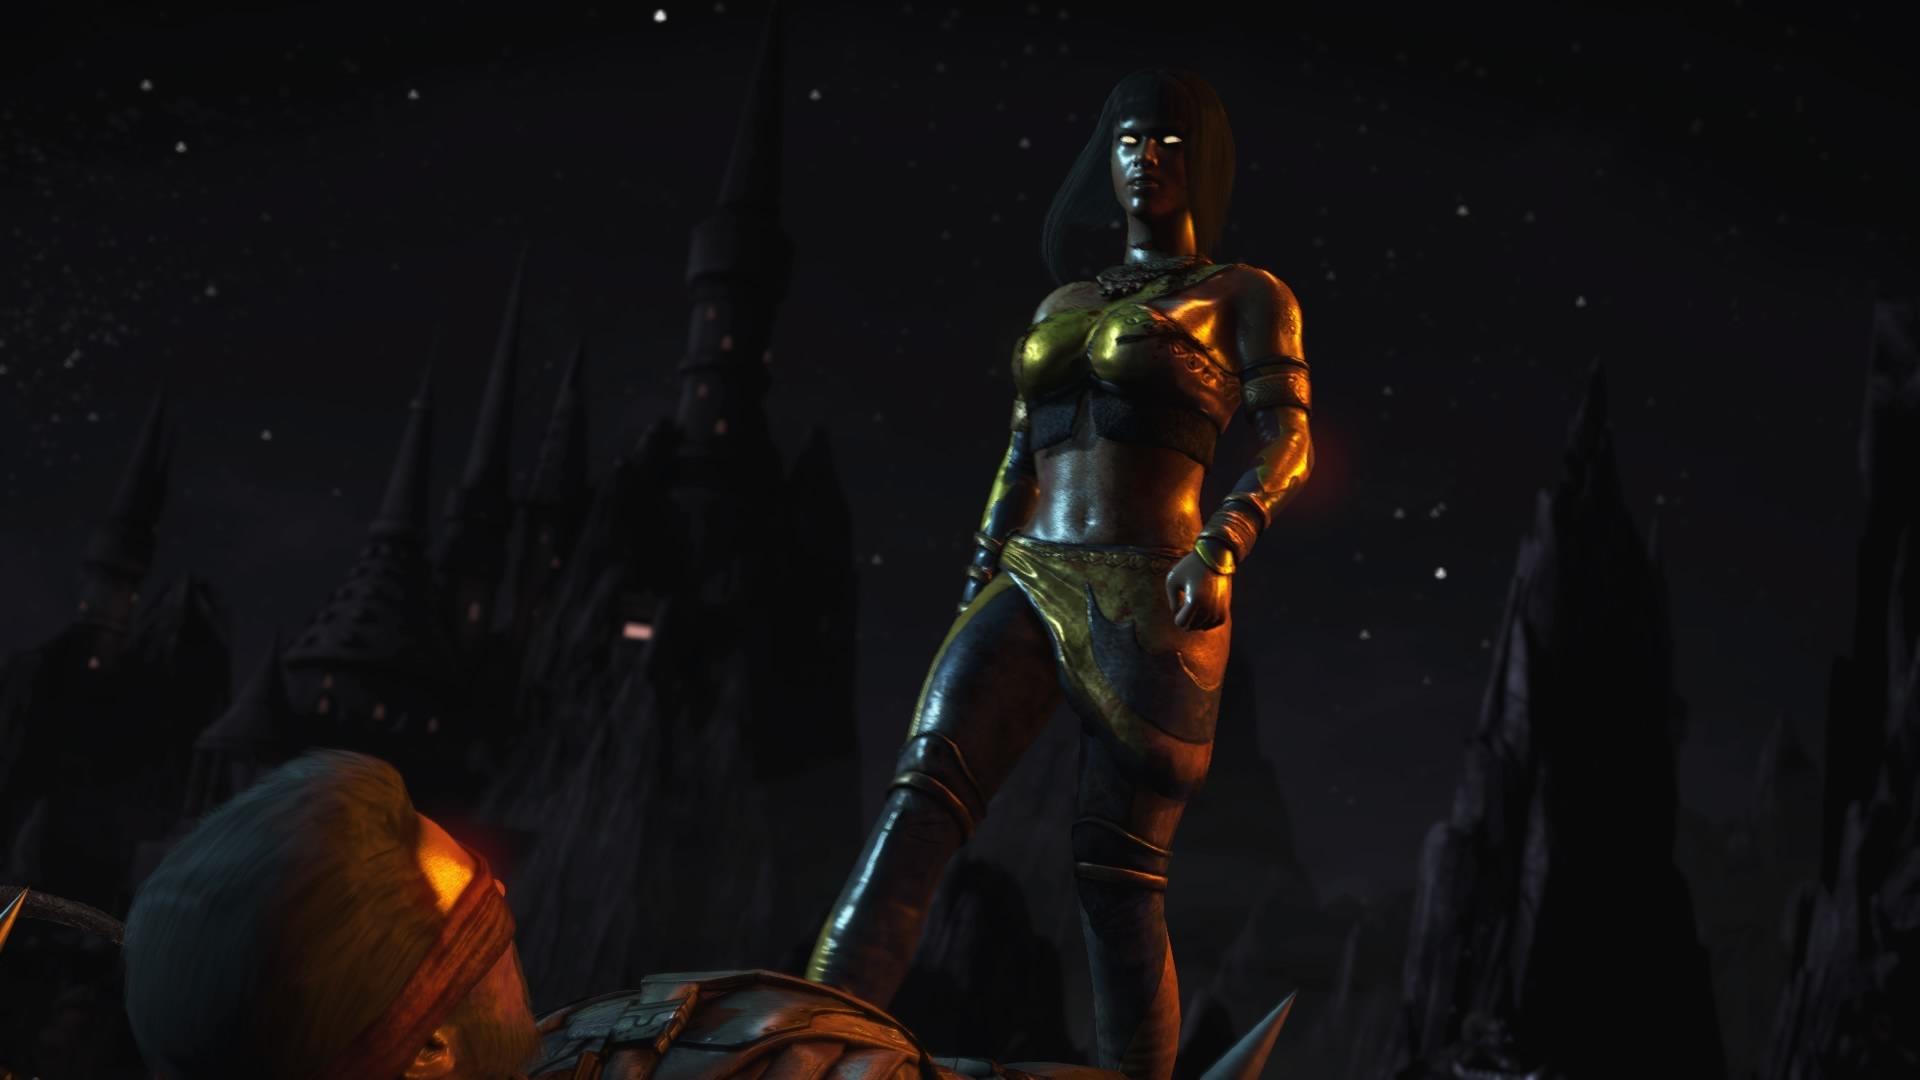 Mortal kombat sdt porn scene